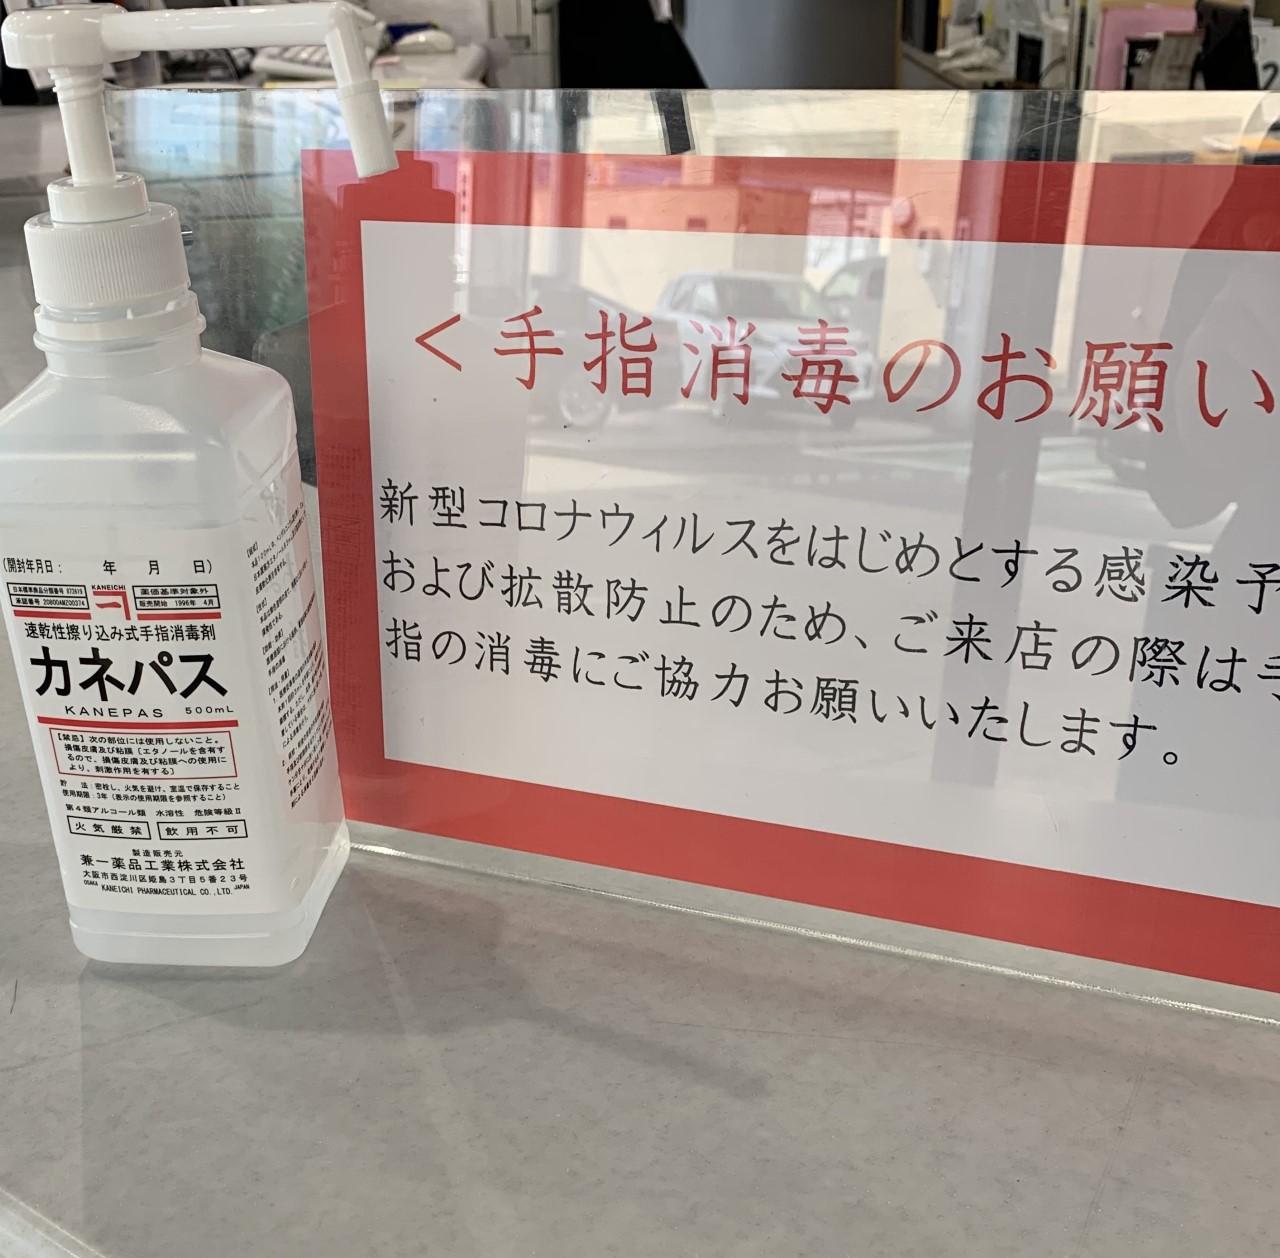 消毒 液 期限 アルコール